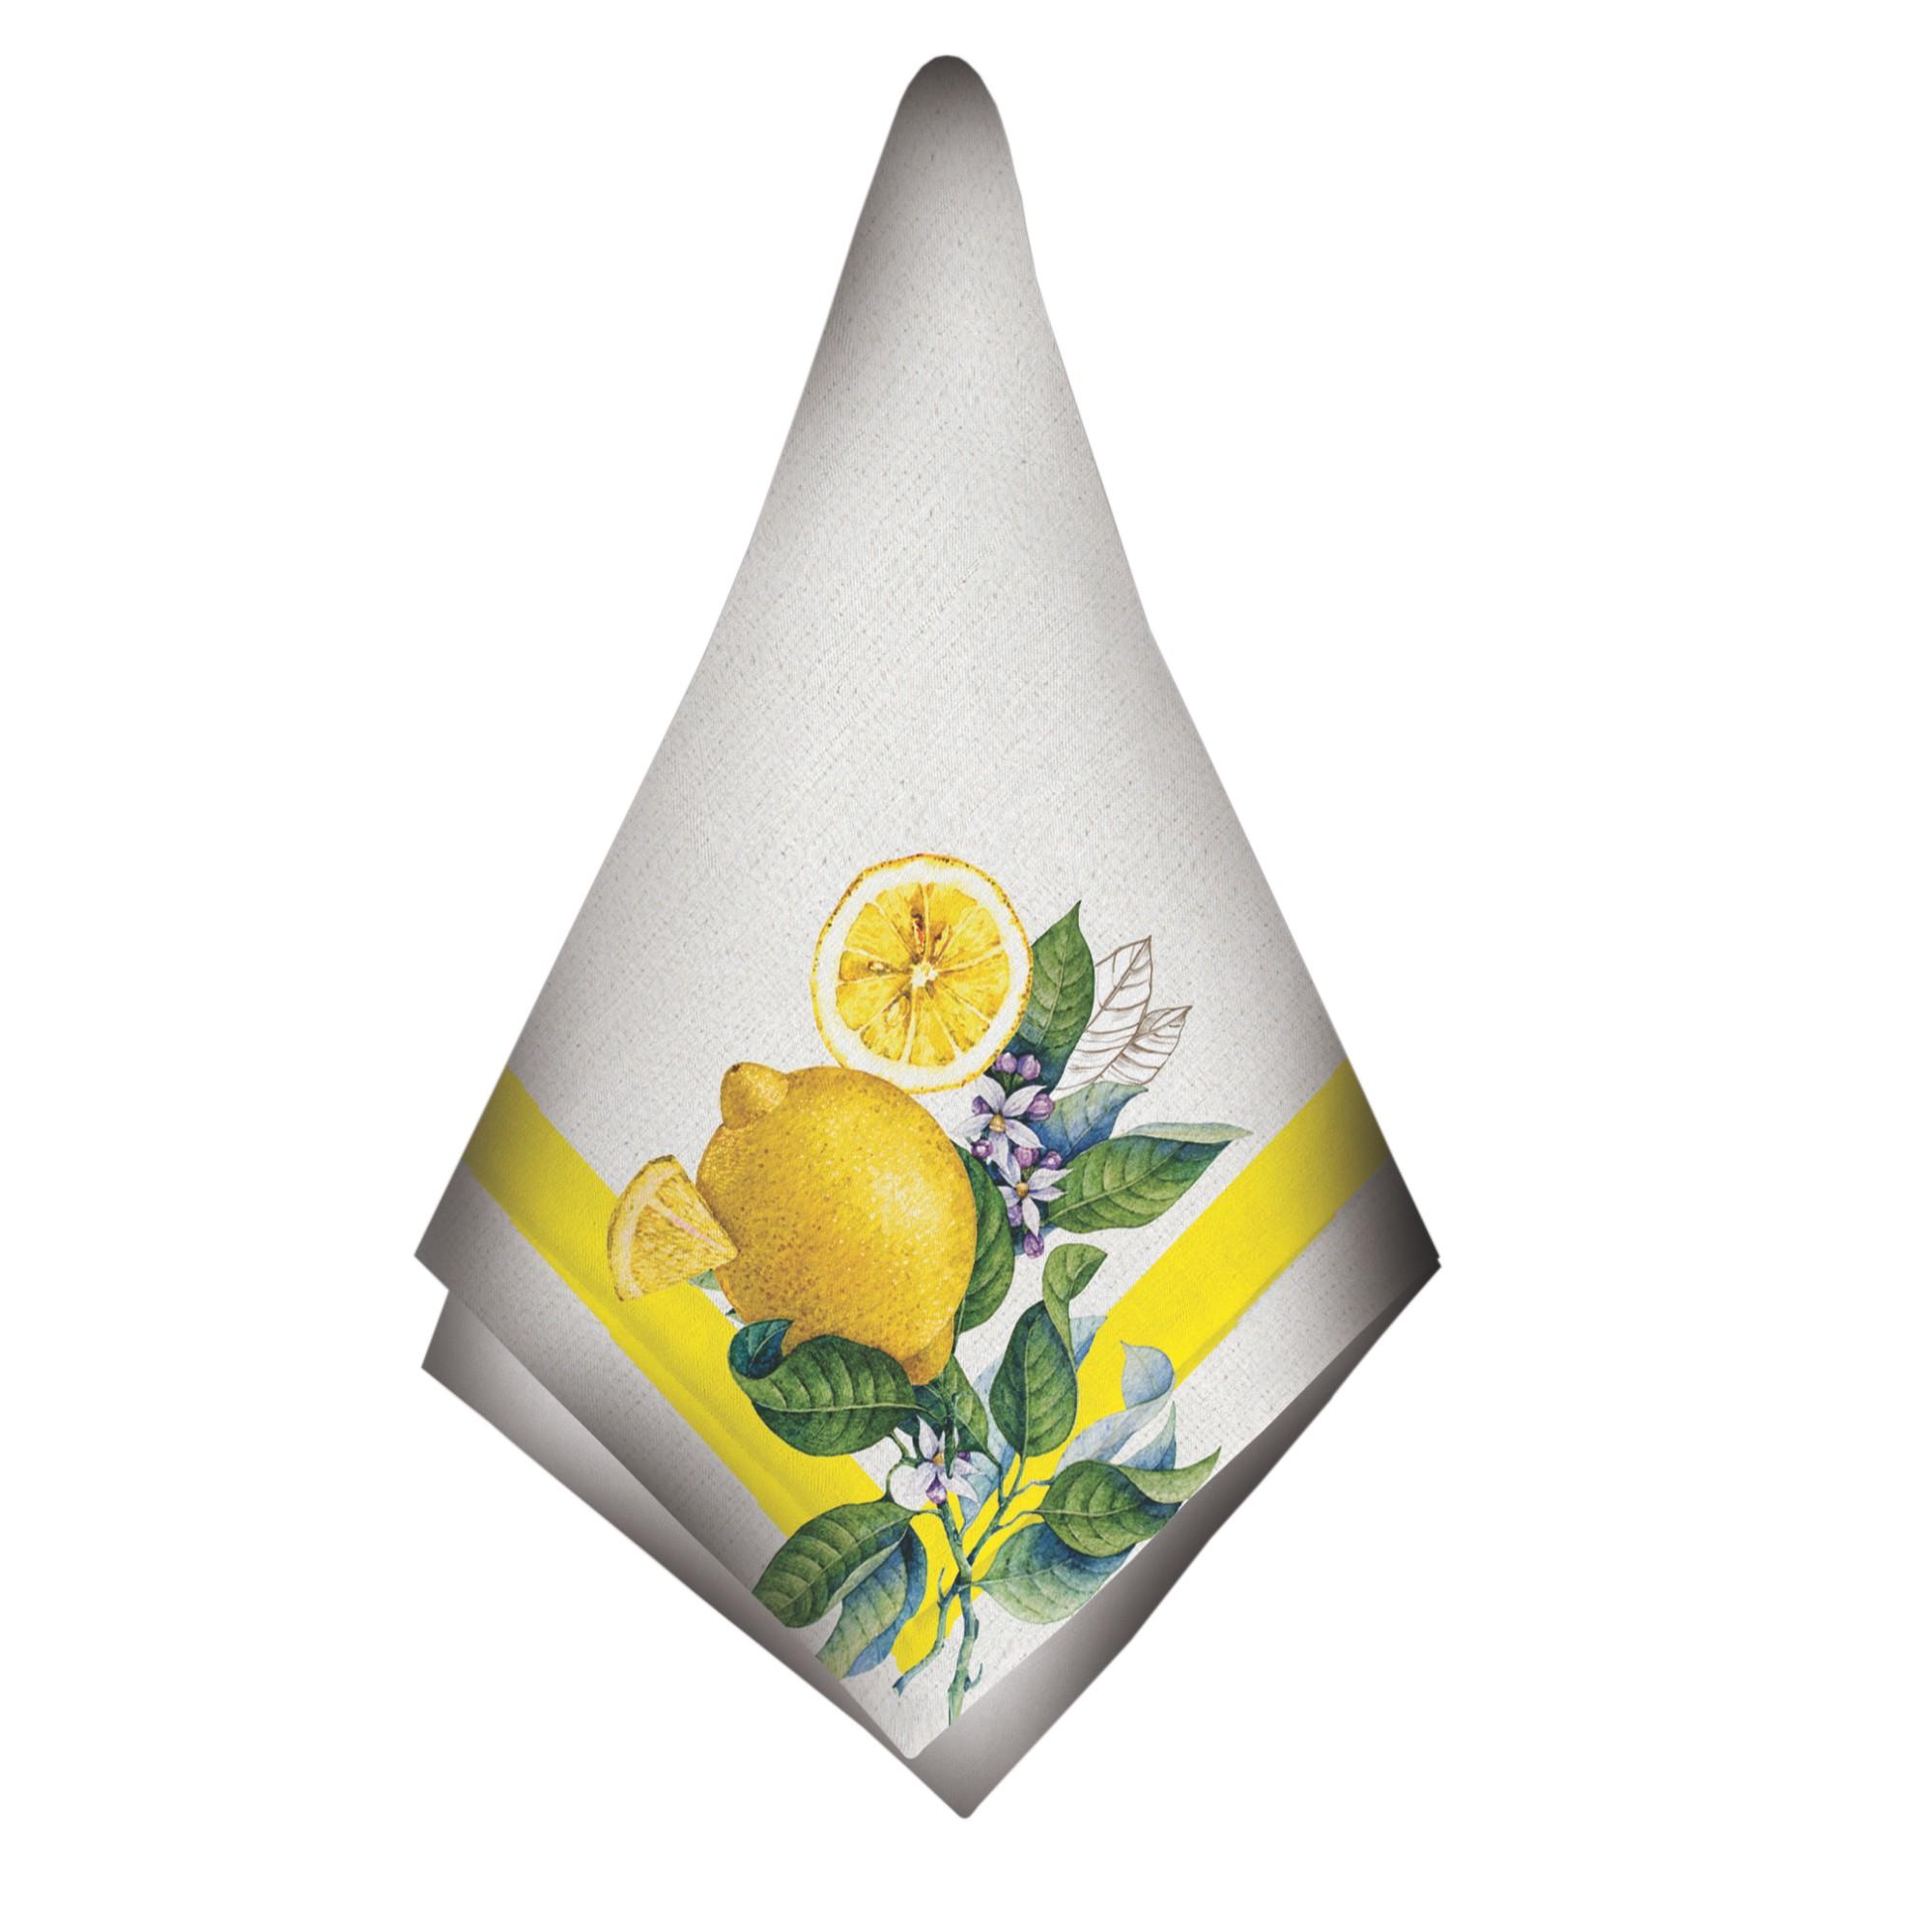 Guardanapo de Tecido Limao 48x48 cm - Bizarro